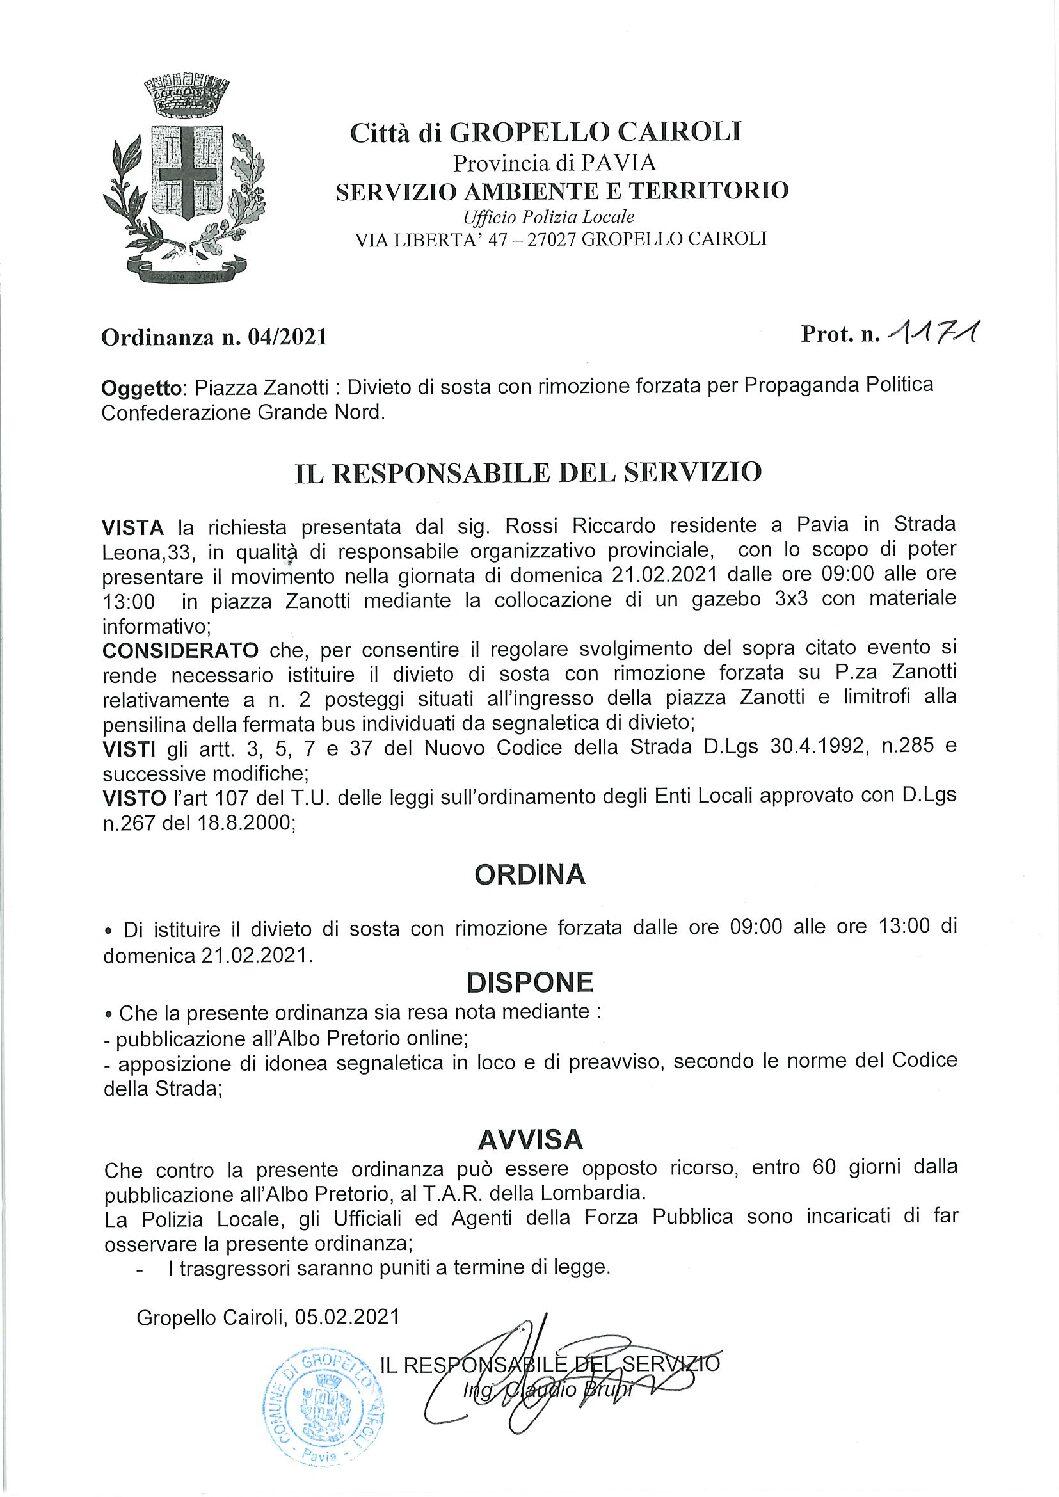 ORDINANZA N. 04/2021 DEL RESPONSABILE DI SERVIZIO